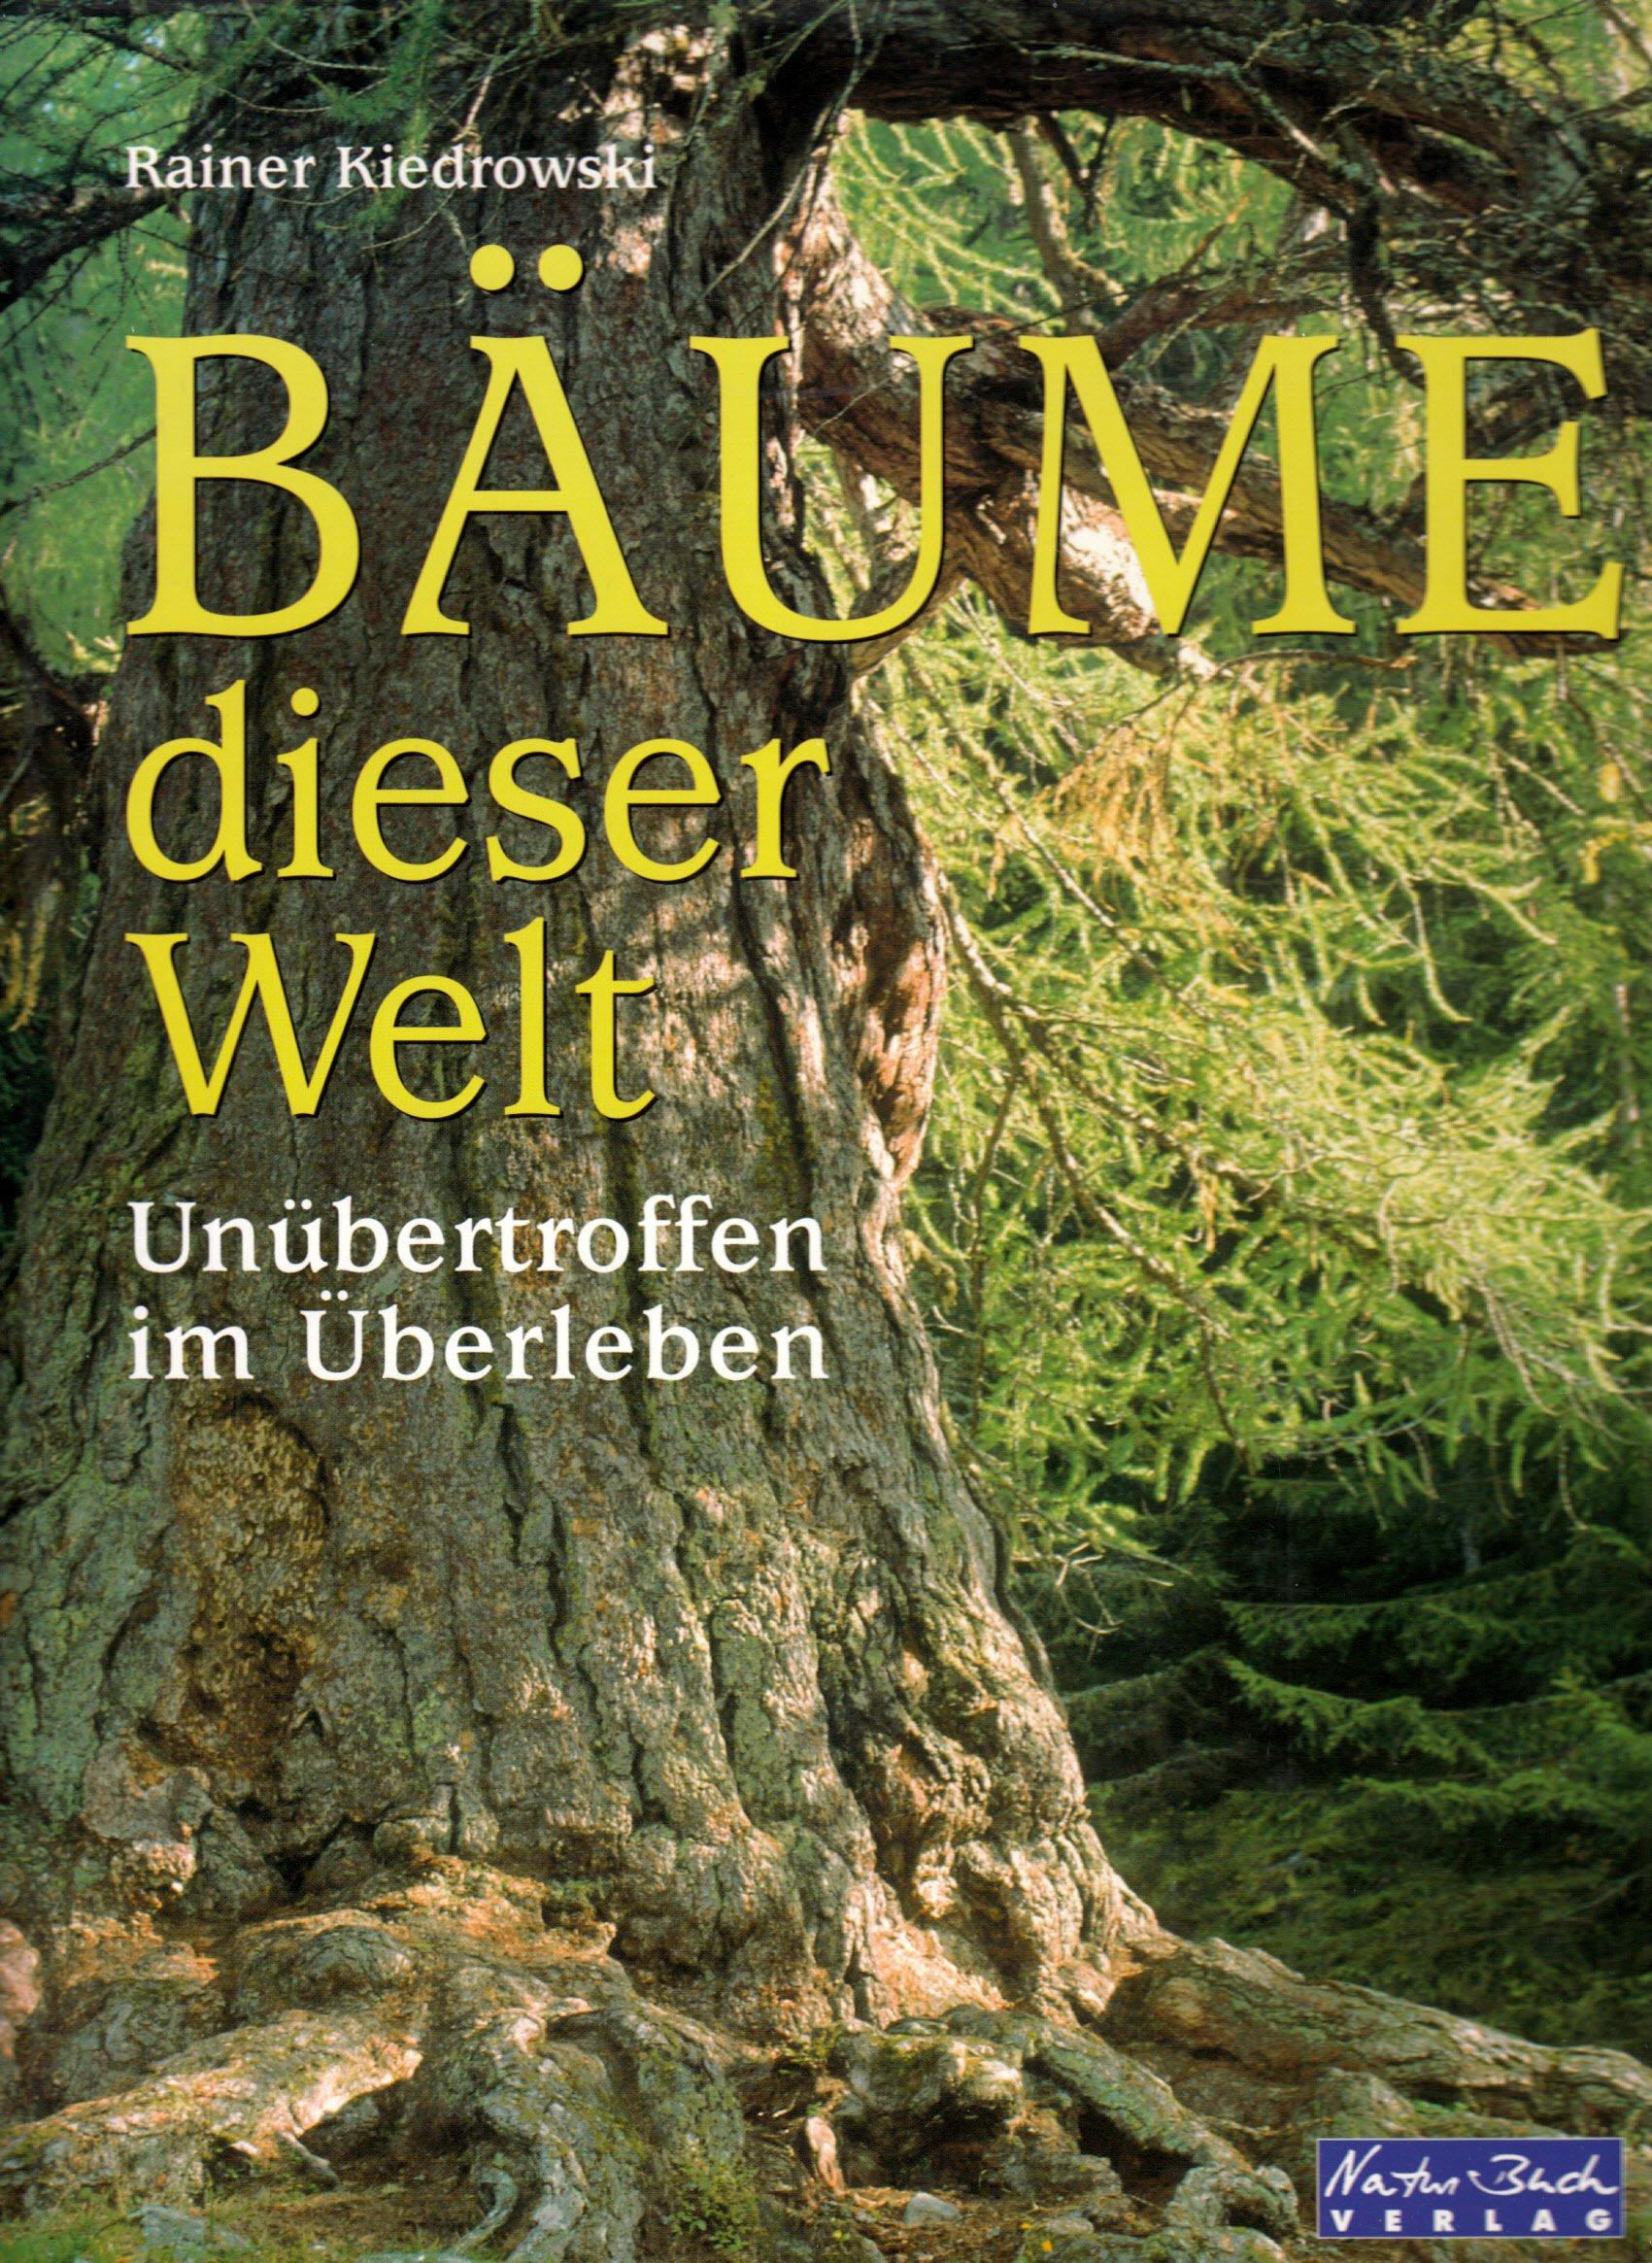 Bäume dieser Welt. Unübertroffen im Überleben